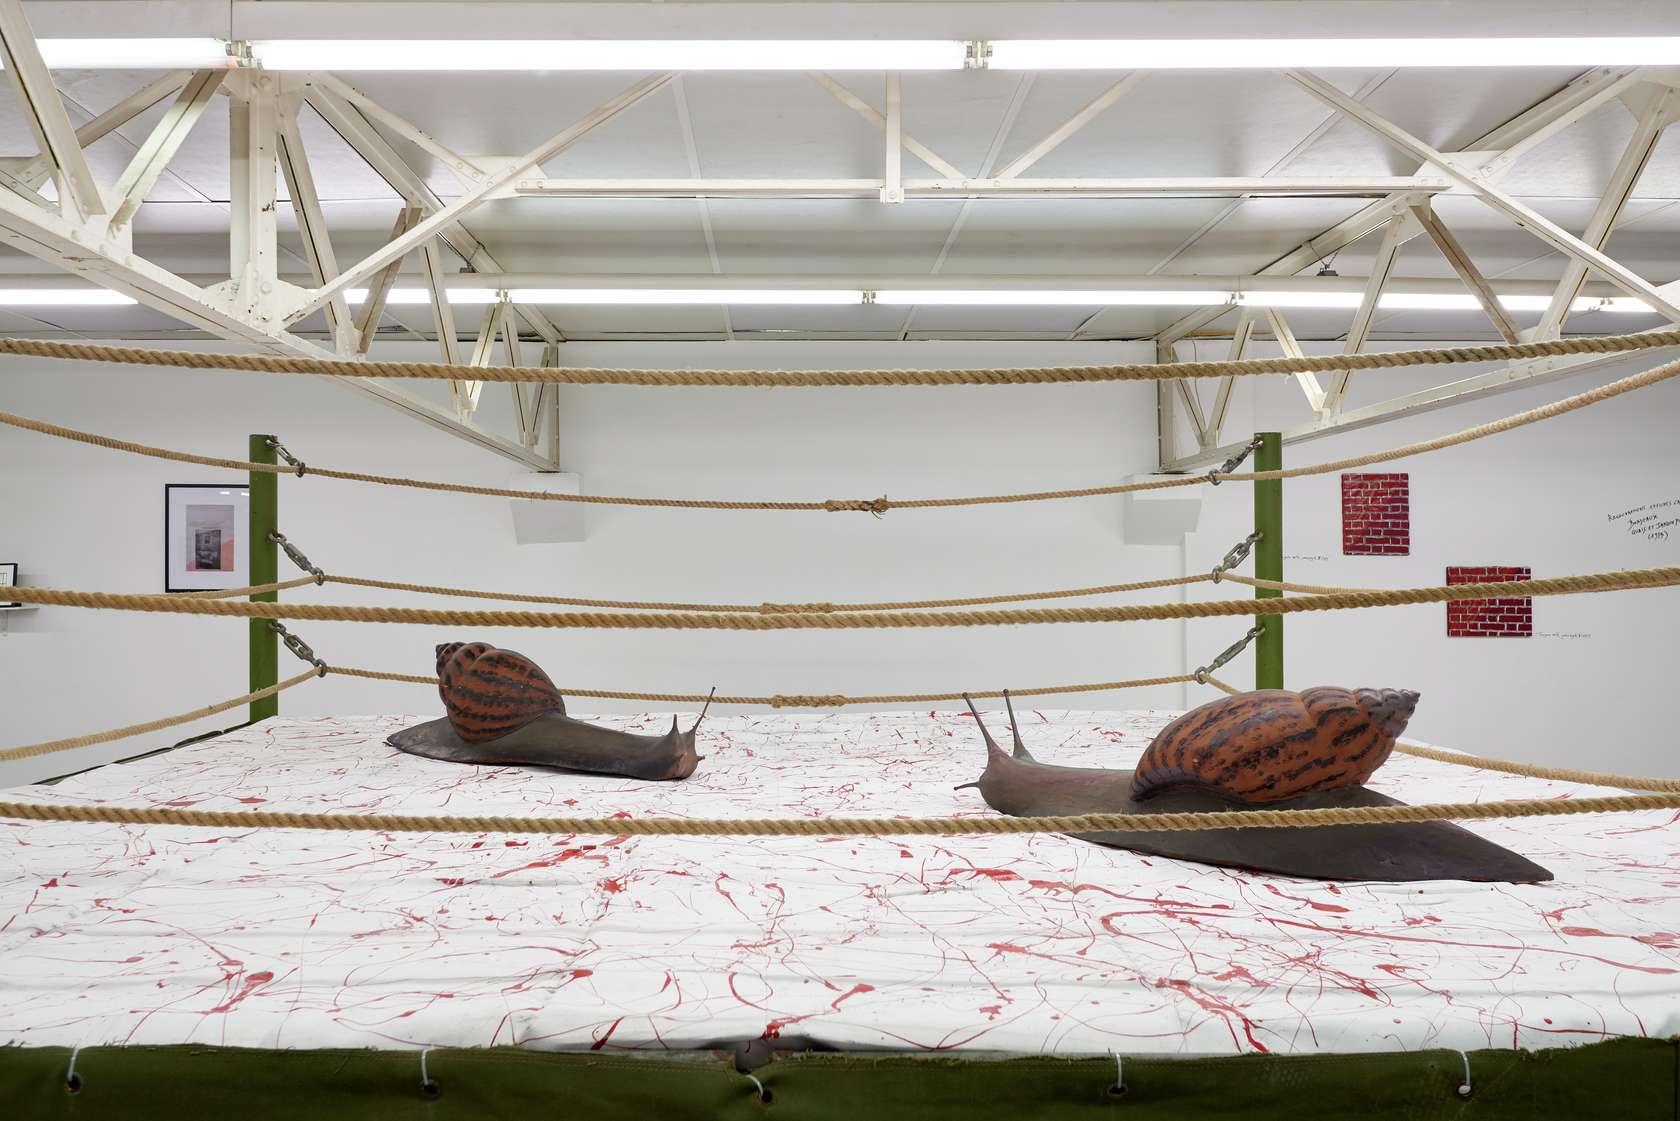 Présence Panchounette, Coups bas libres, 1986 Ring de boxe, bâche peinte, sculptures en bois de Nicolas Damas200 × 395 × 395 cm / 78 6/8 × 155 1/2 × 155 1/2 in.